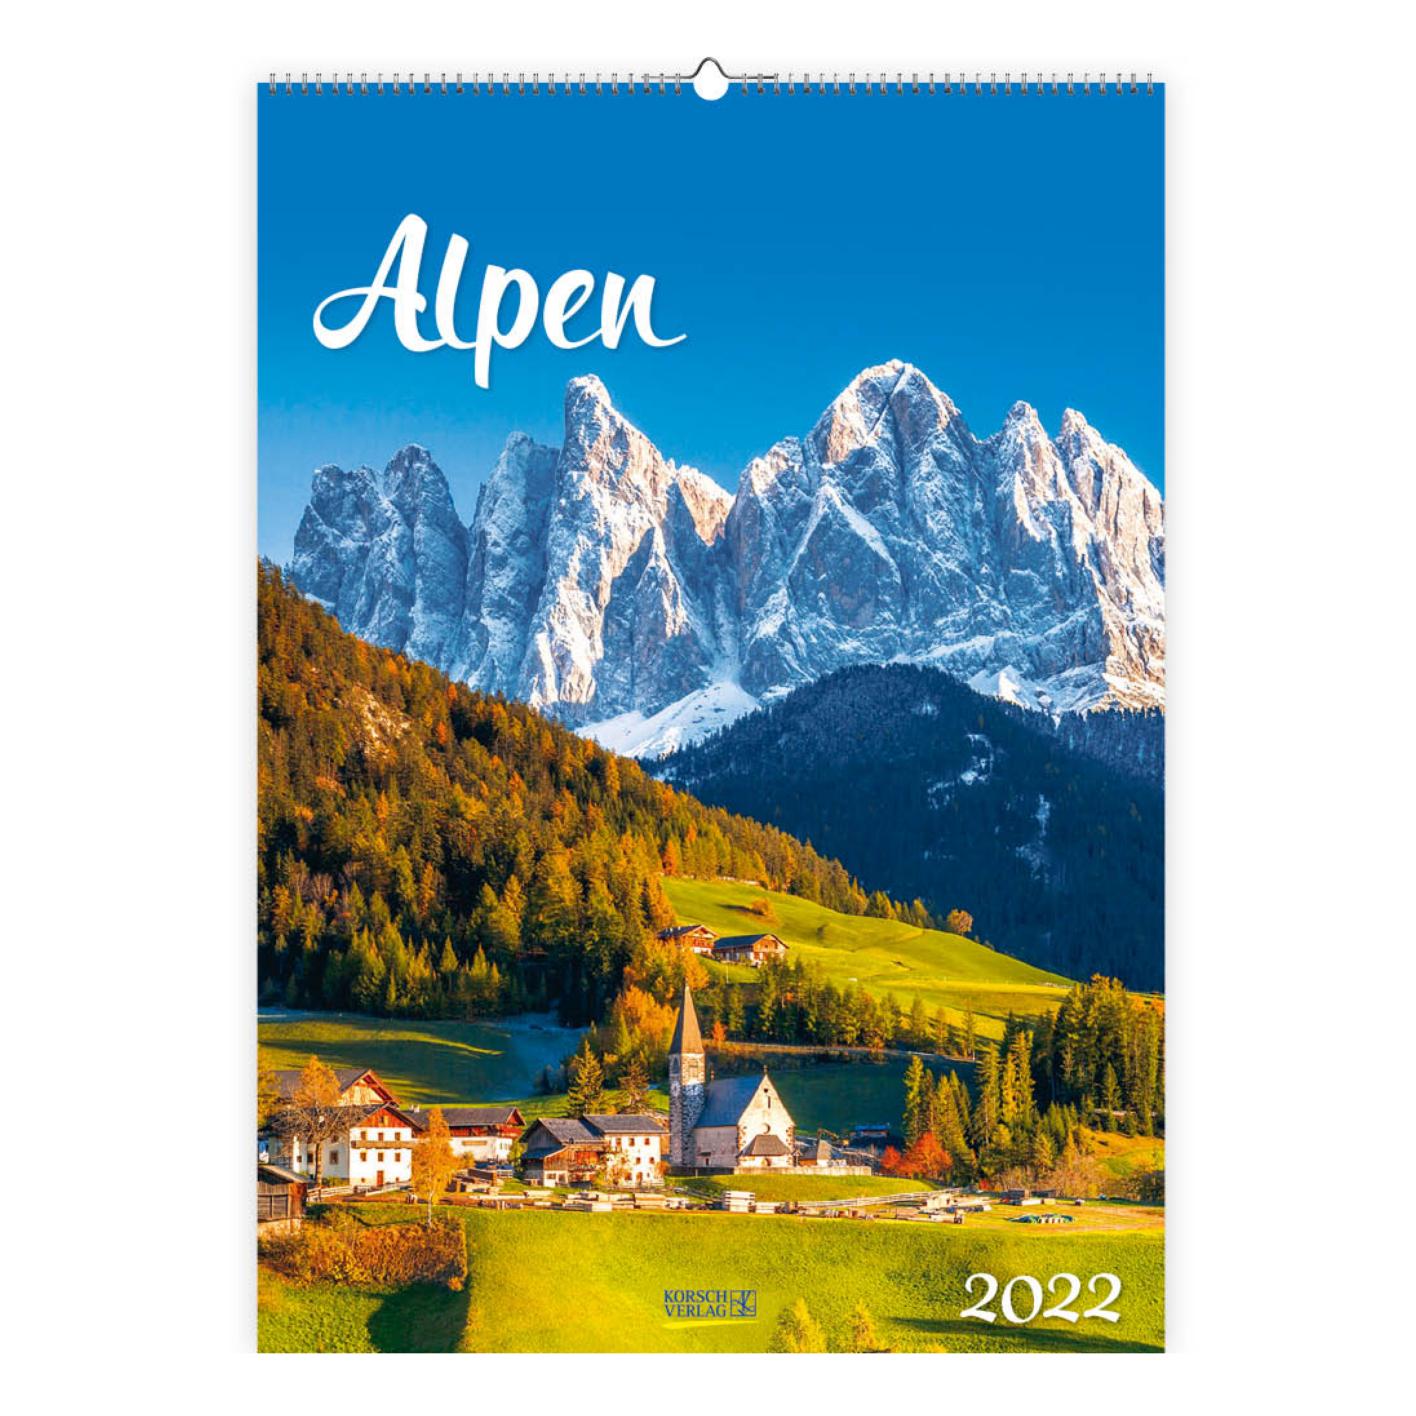 Kalender - 2022 - Alpen - 30x42cm - in Kalenders